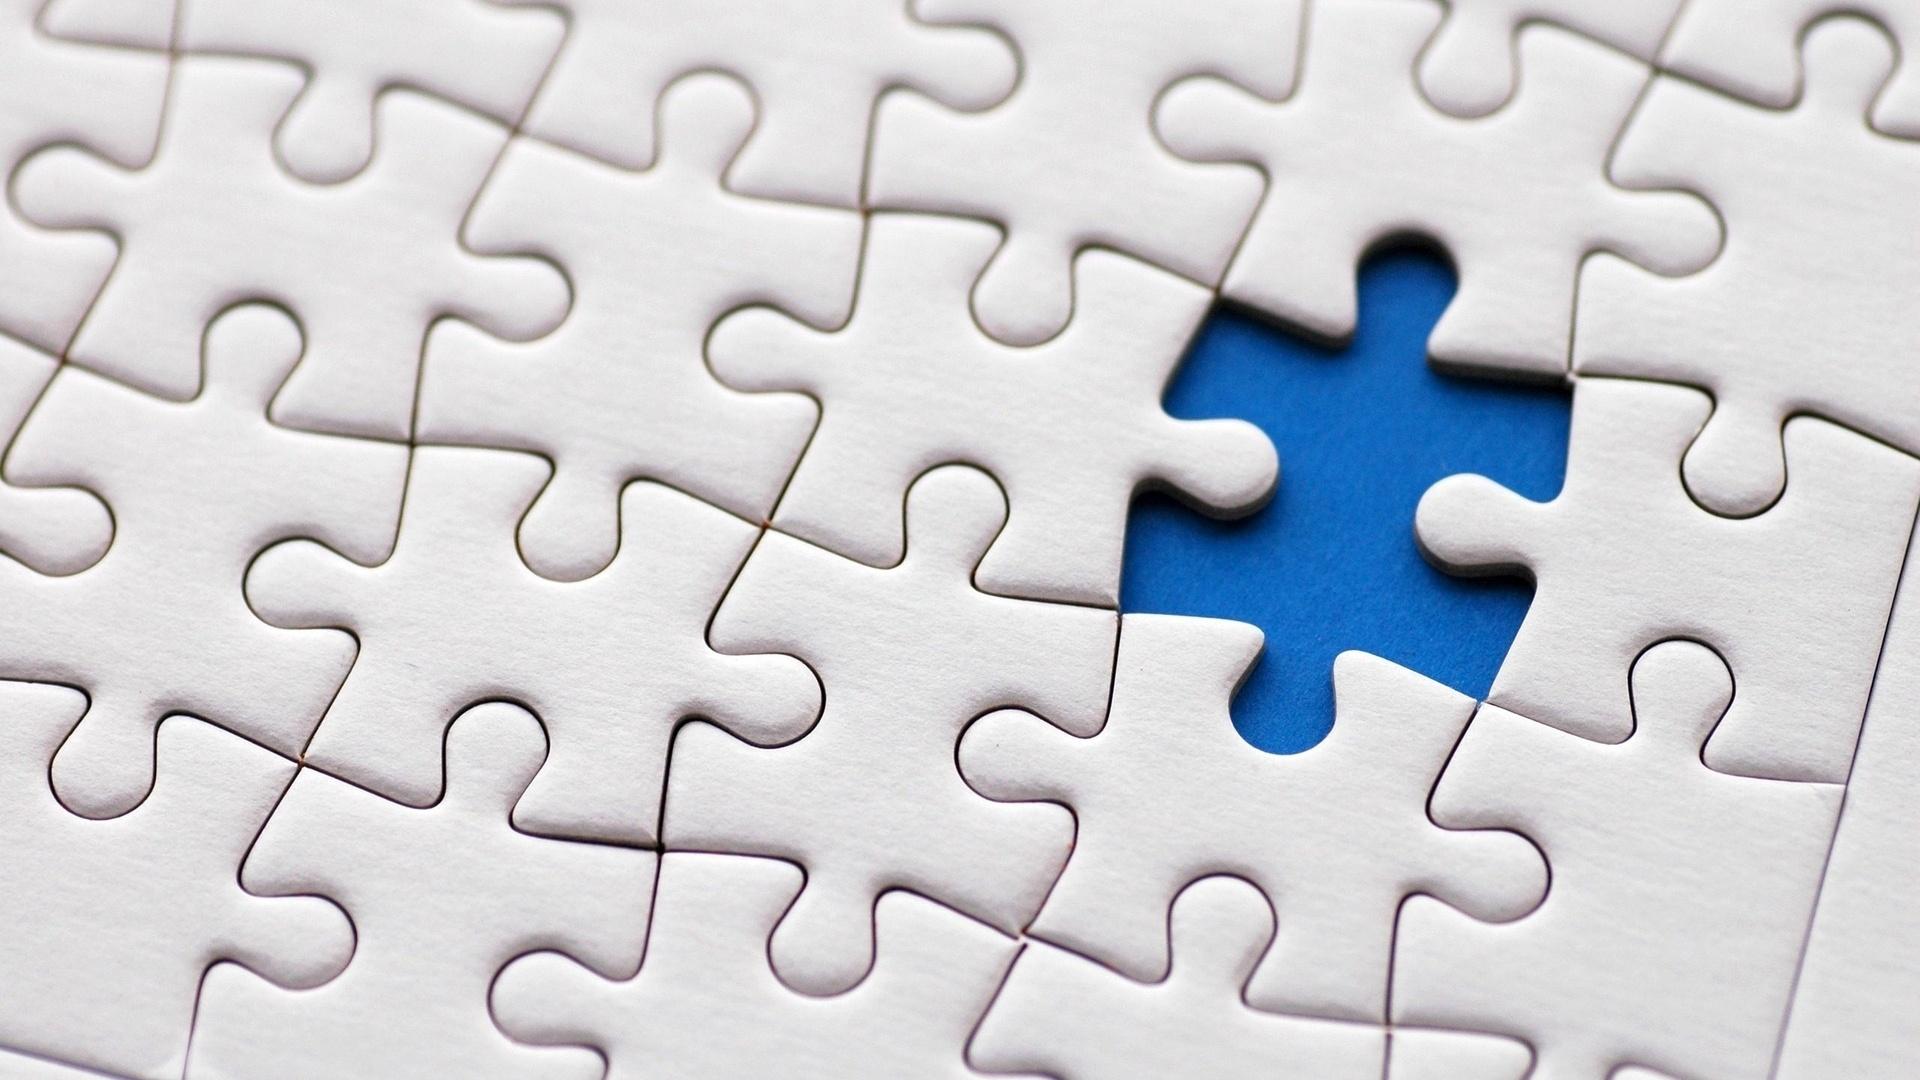 1920x1080px Puzzle 502.12 KB #311469